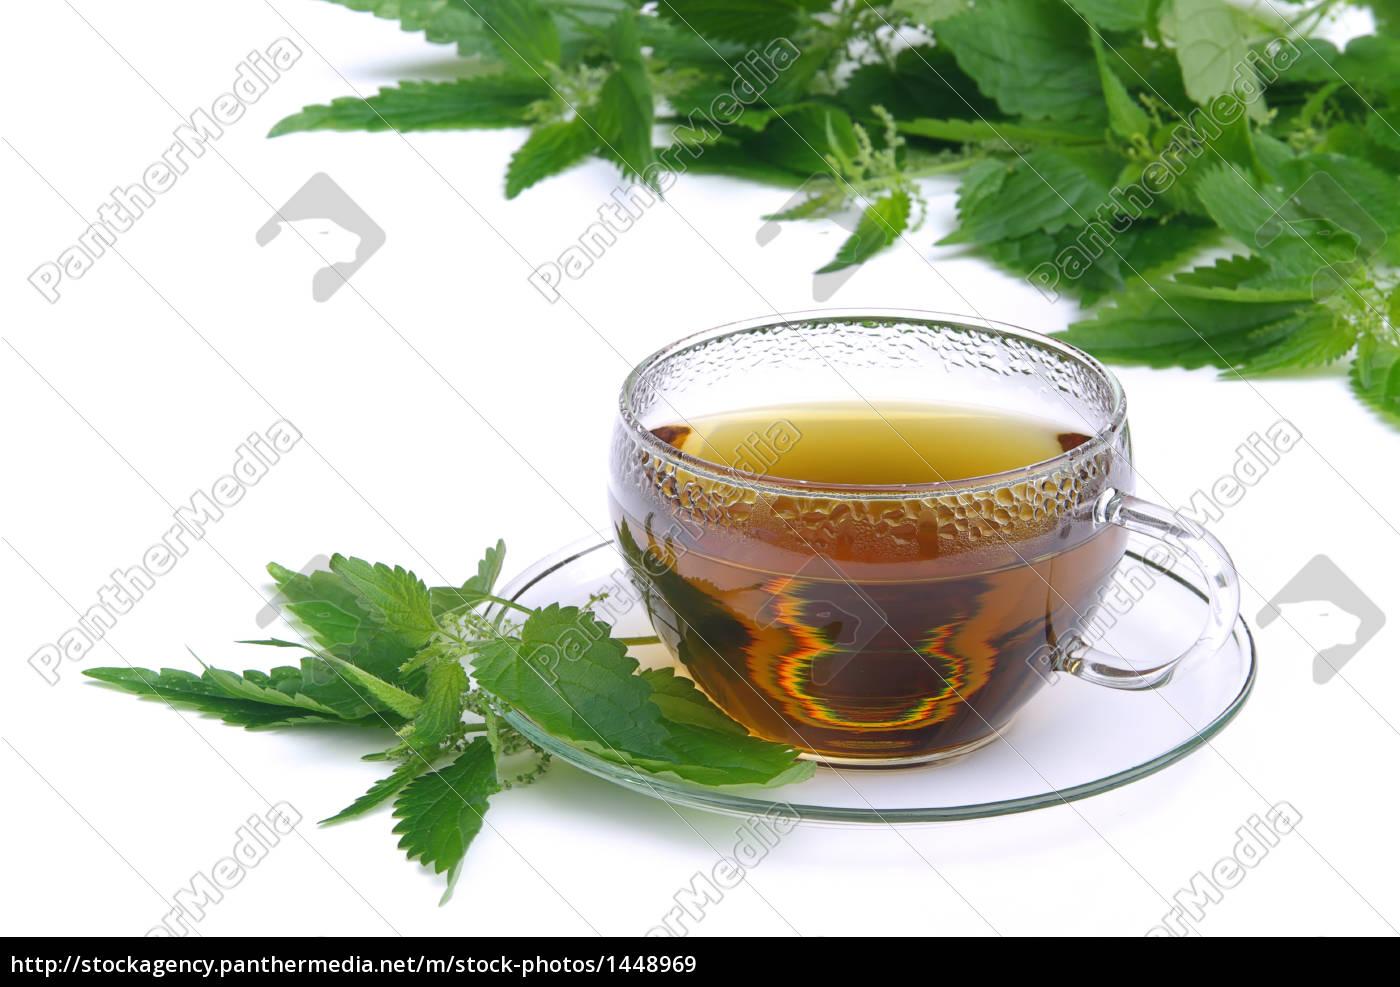 nettle, tea, -, tea, nettle, 01 - 1448969